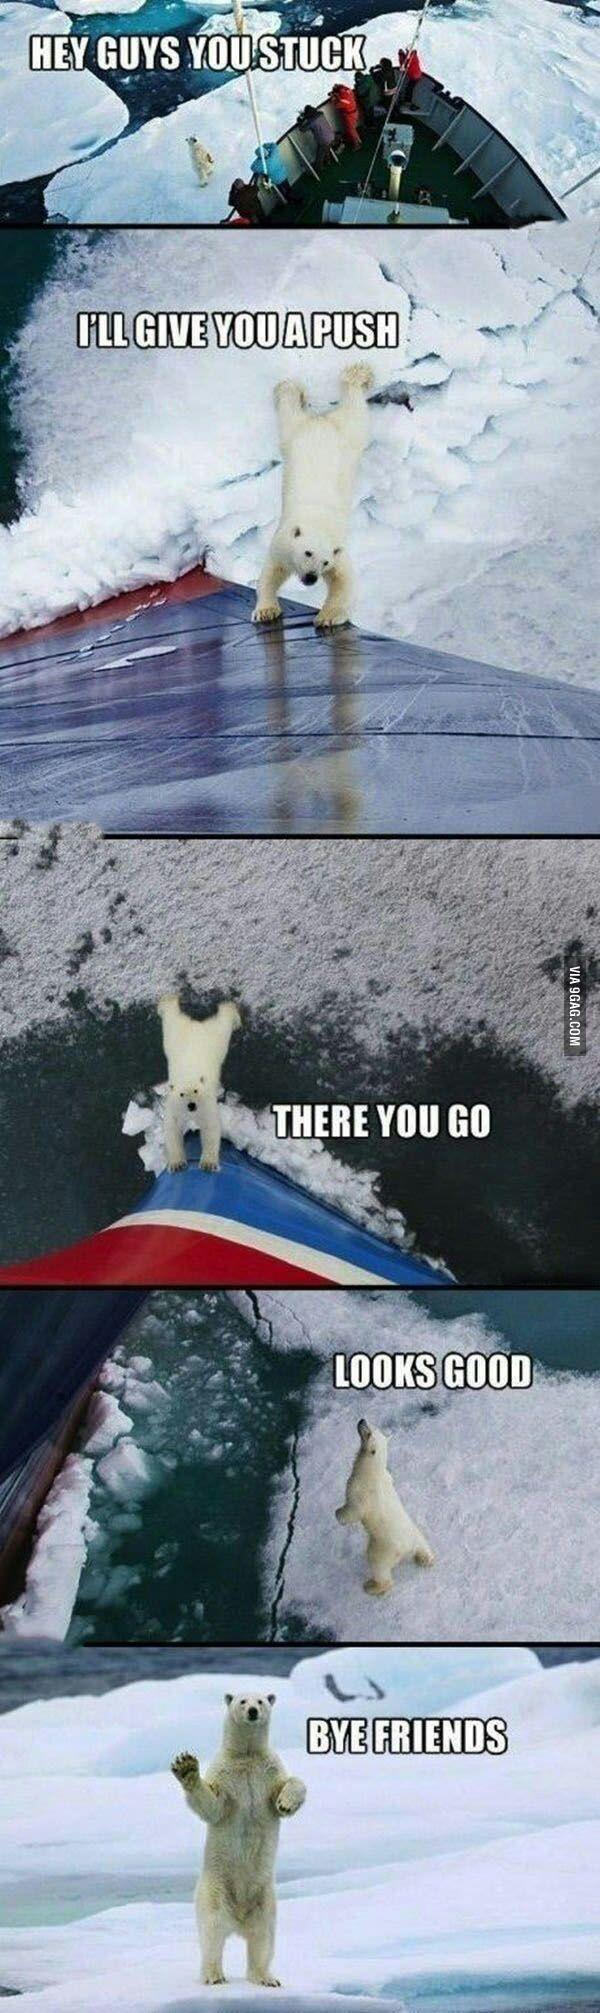 Good guy polar bear - 9GAG